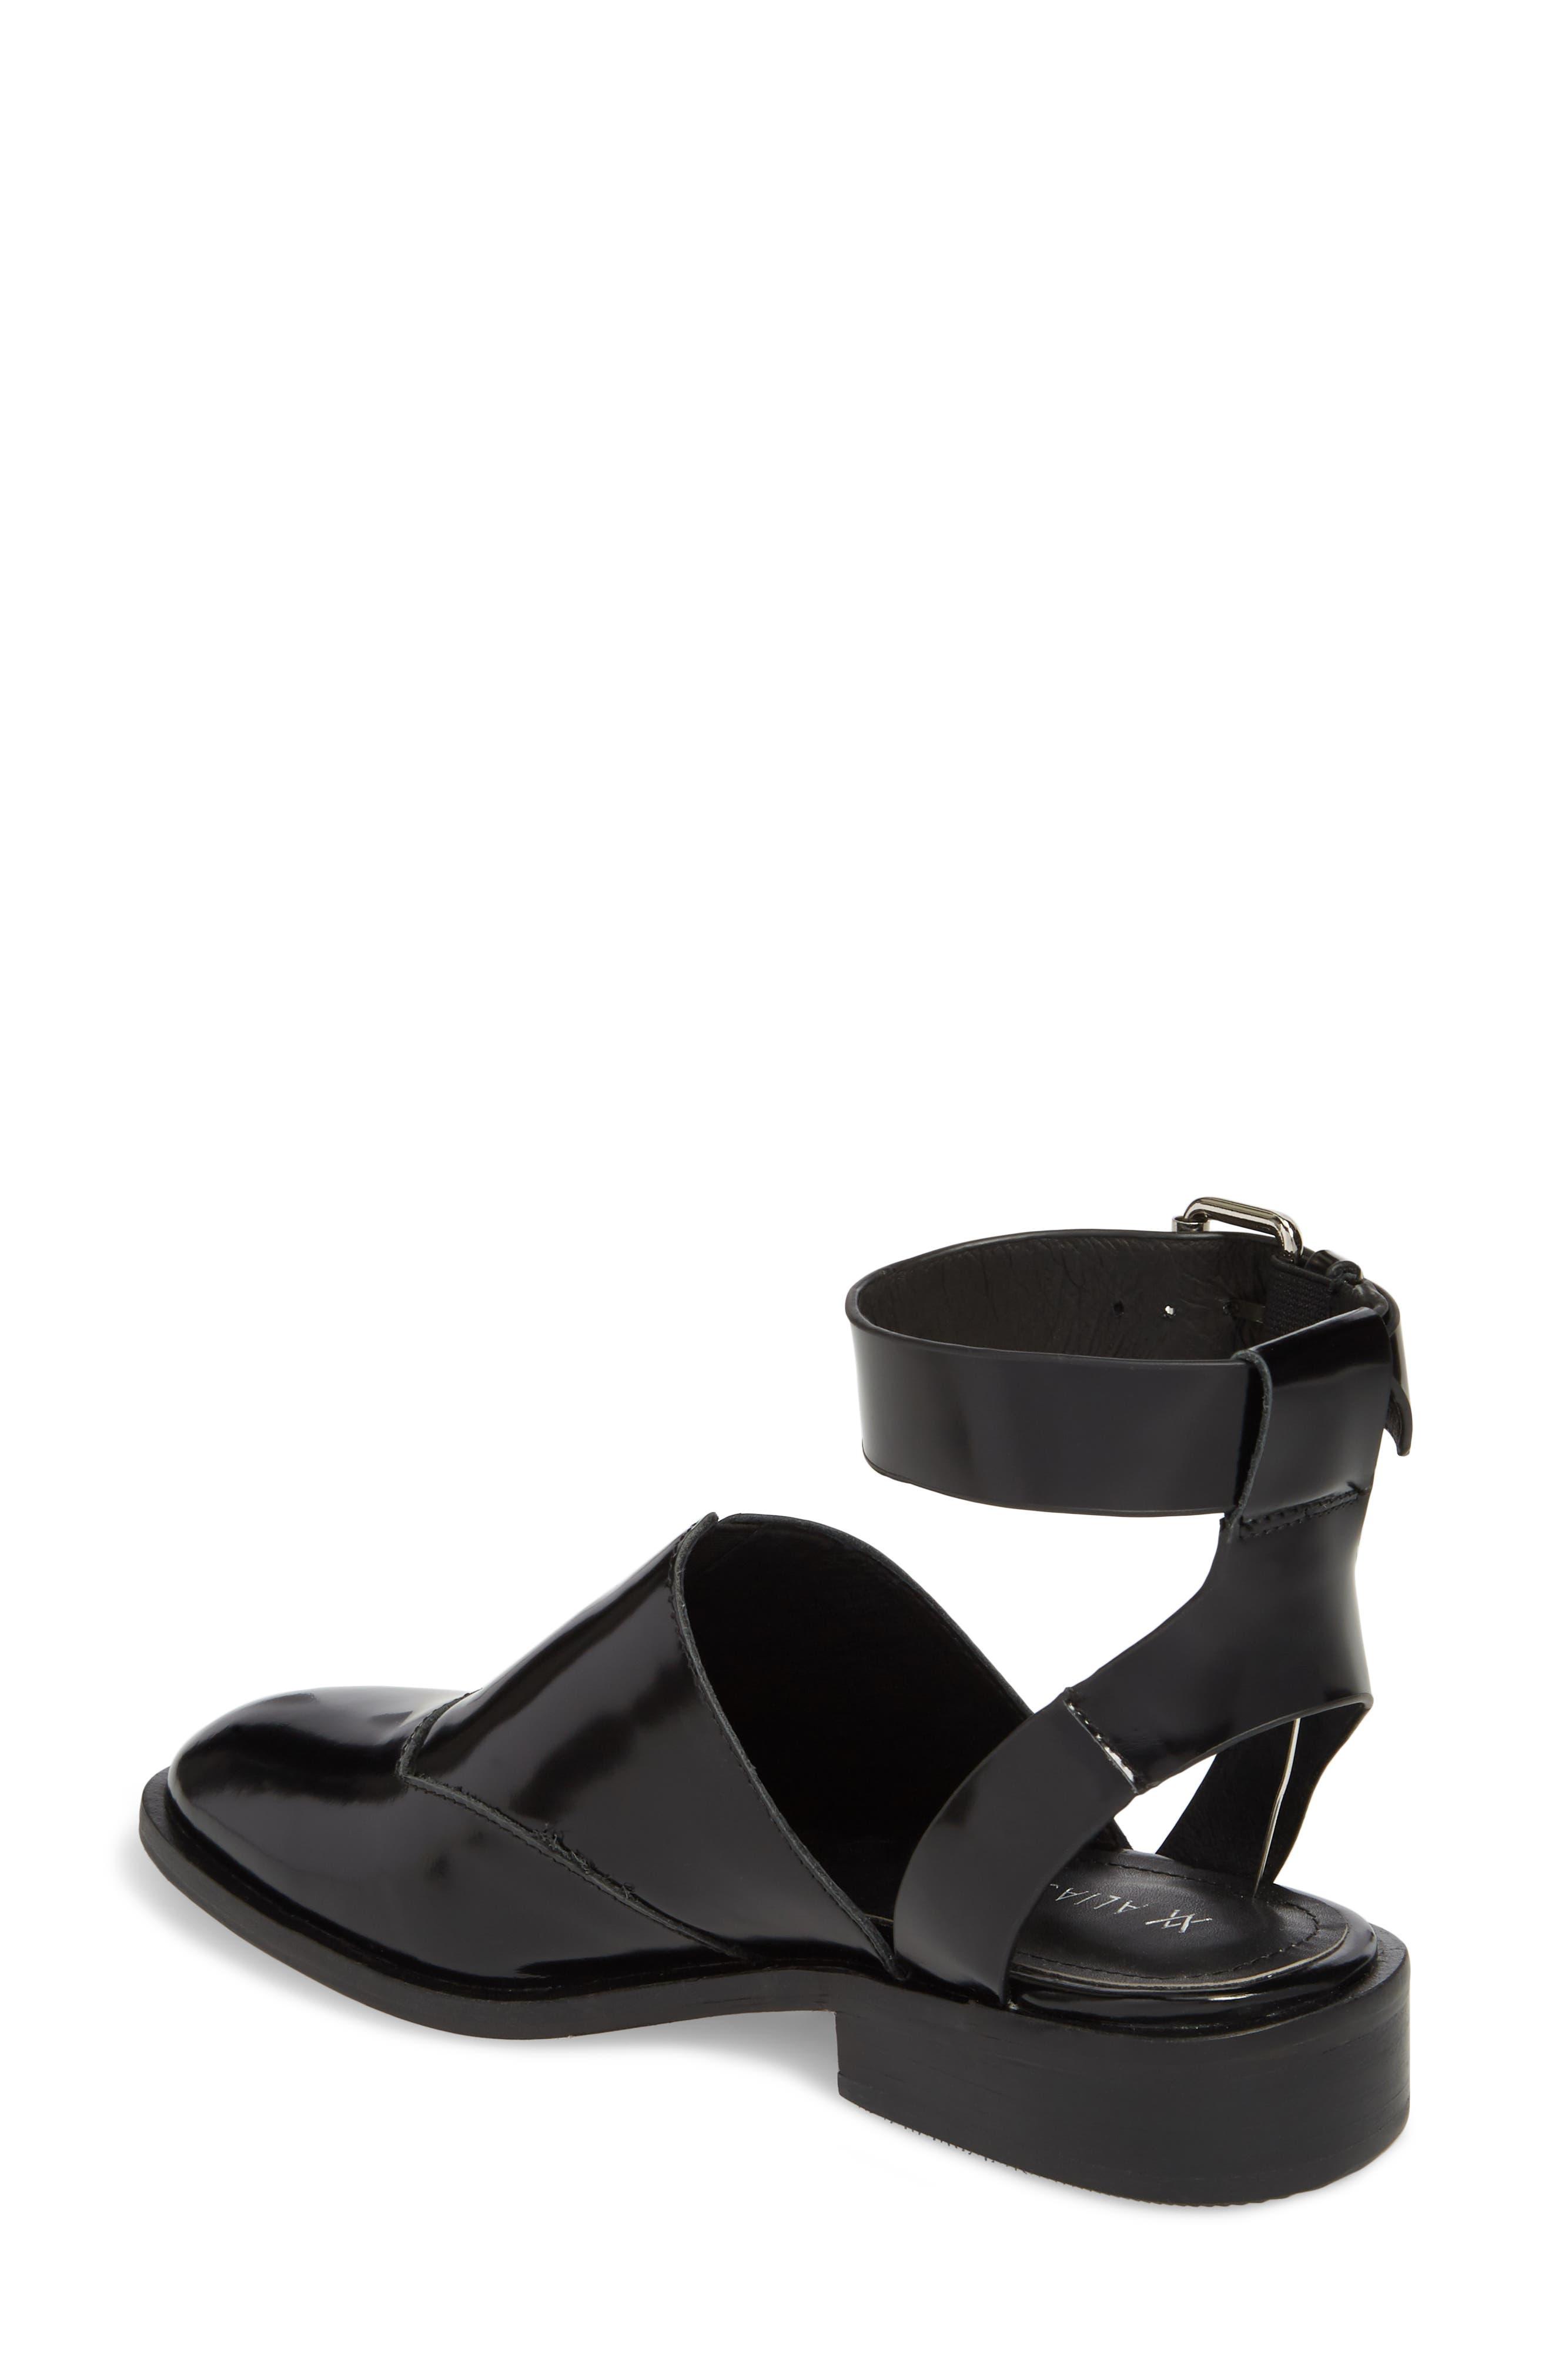 Nakita Sandal,                             Alternate thumbnail 2, color,                             Black Box Leather